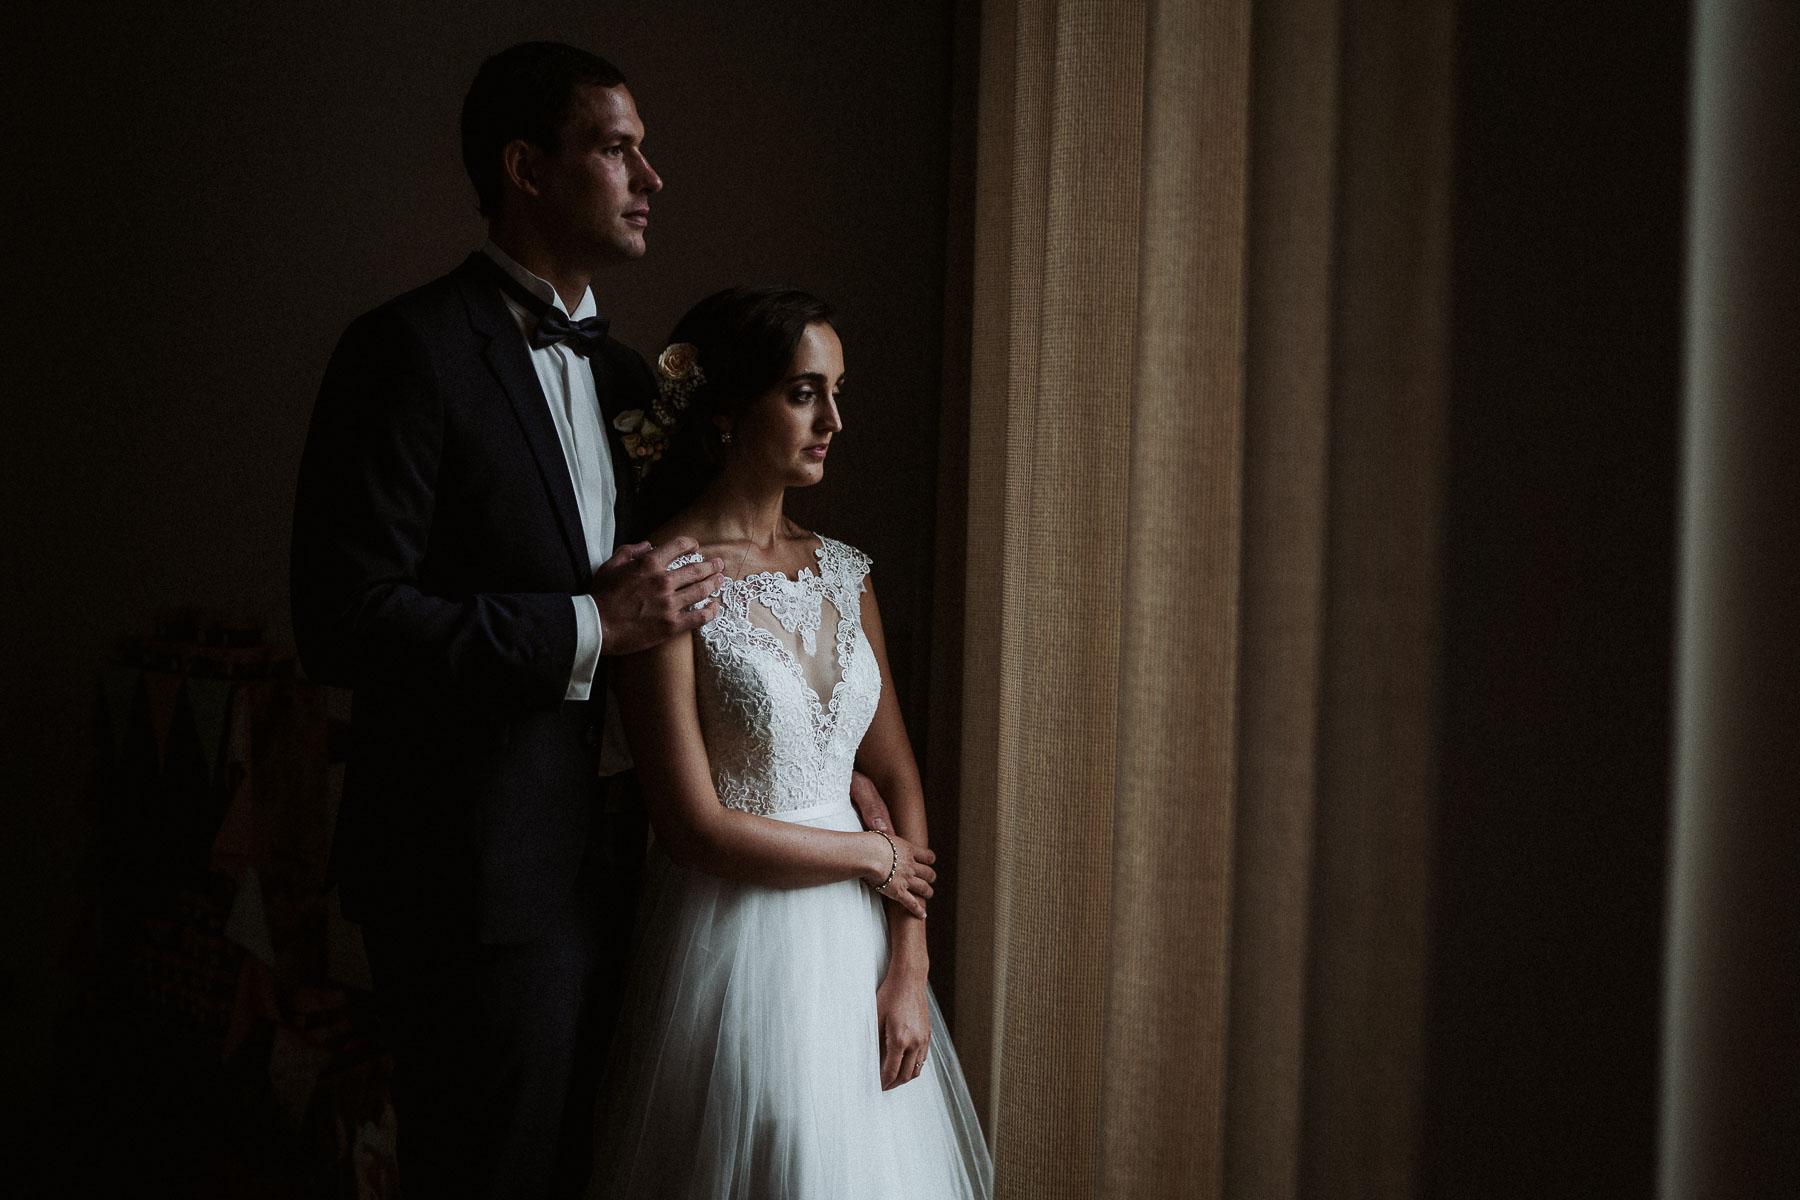 Hochzeitsfotograf Augsburg beim Brautpaar Shooting in der Stadt